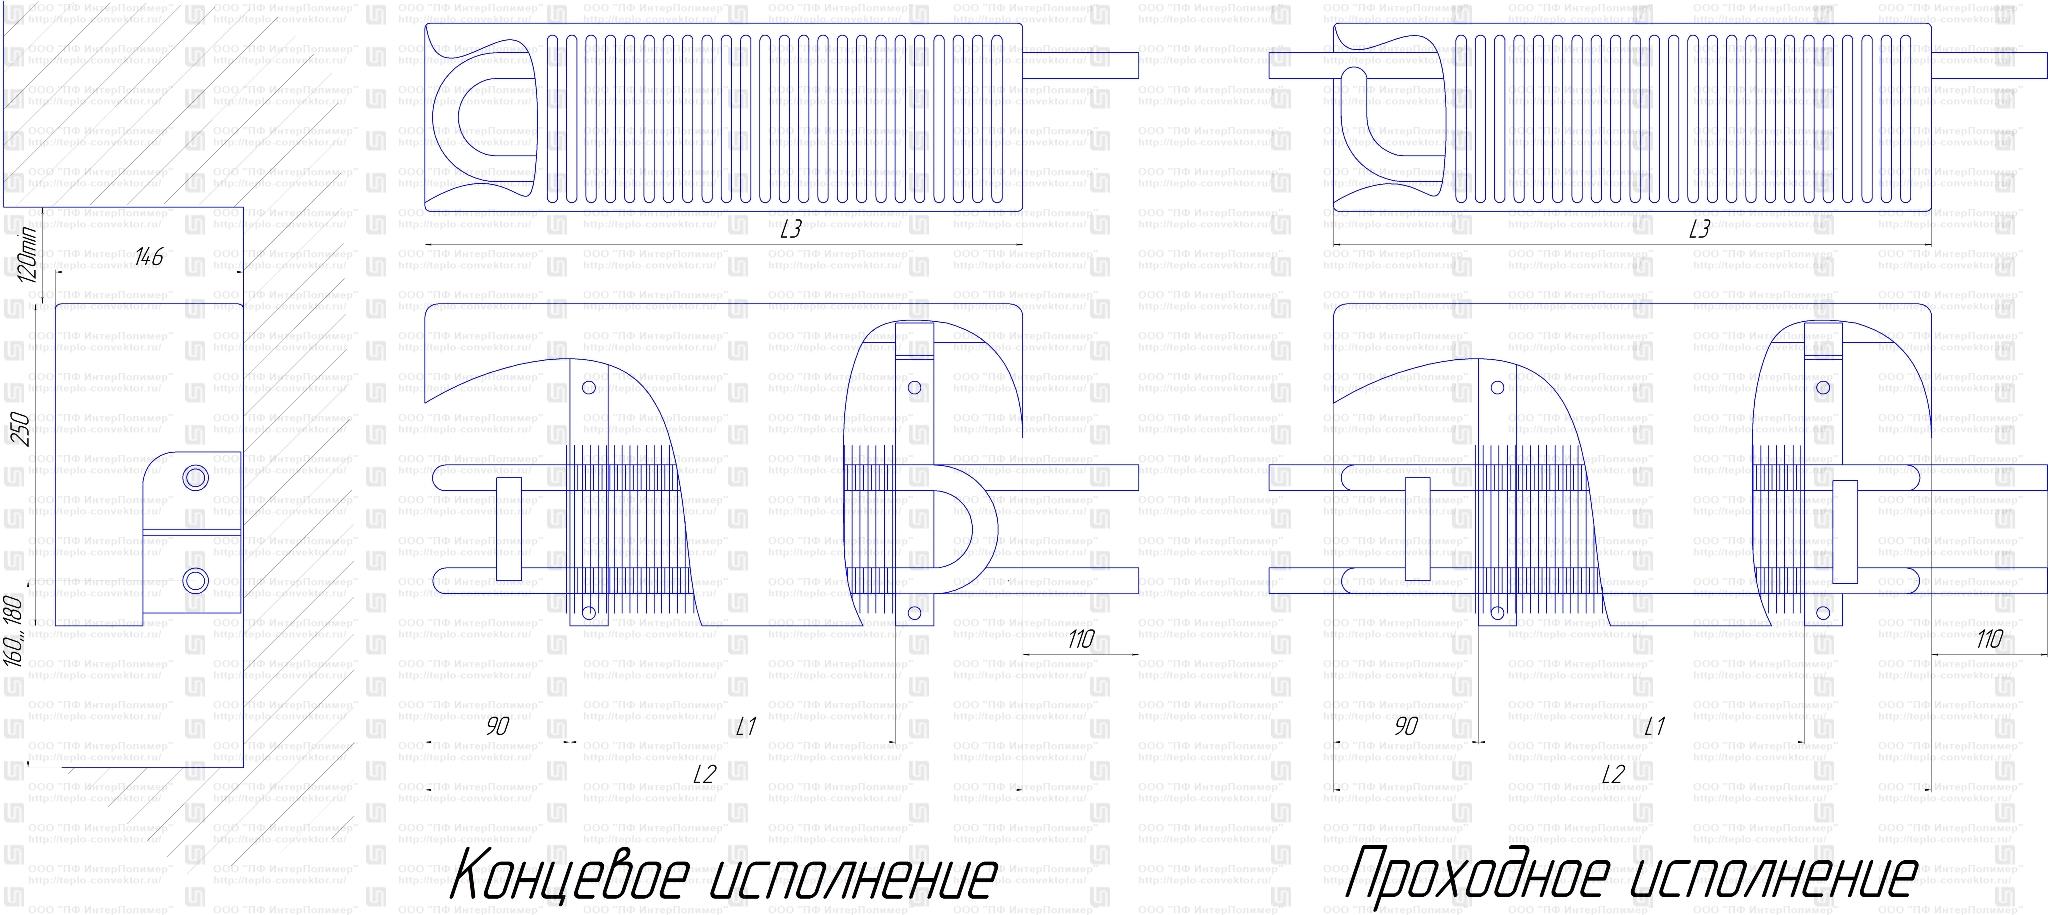 КСК-20 ТБ-С-Мини чертеж